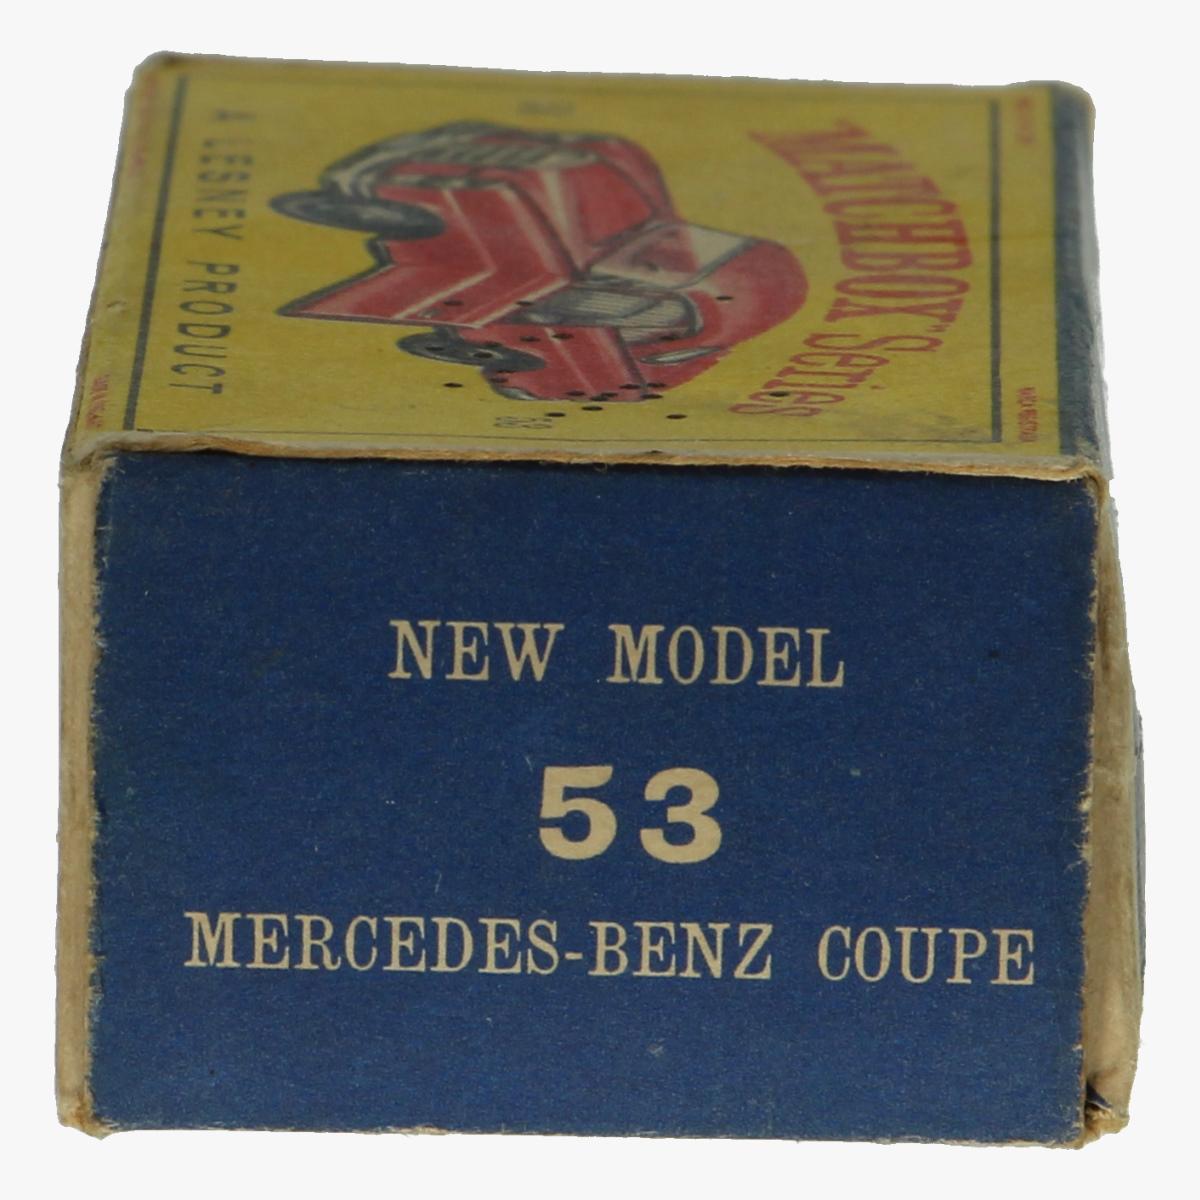 Afbeeldingen van Matchbox doos. New model 53 mercedes-benz coupe